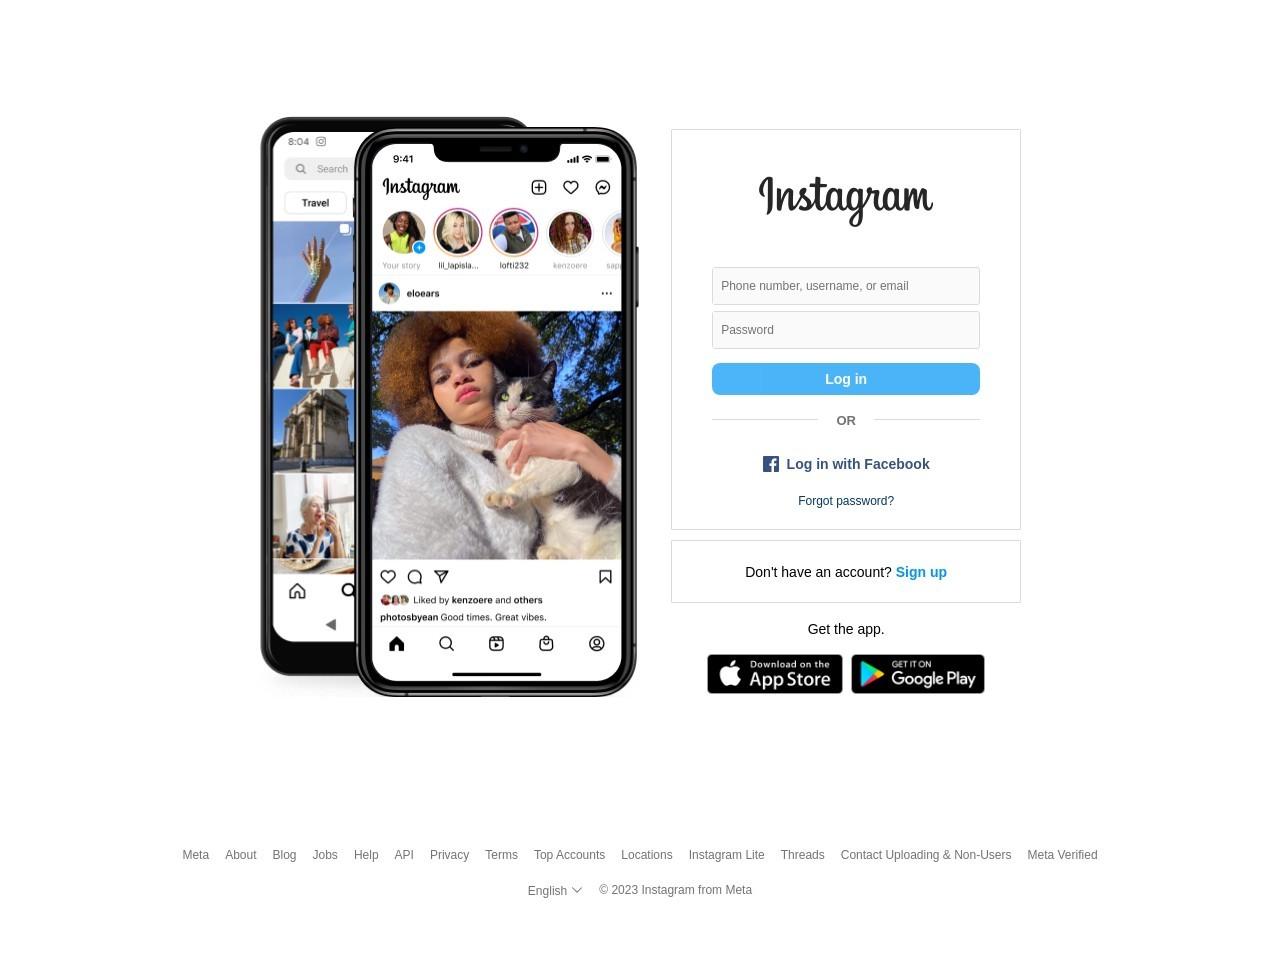 マルタ留学*アットマルタさん(@atmalta) • Instagram写真と動画